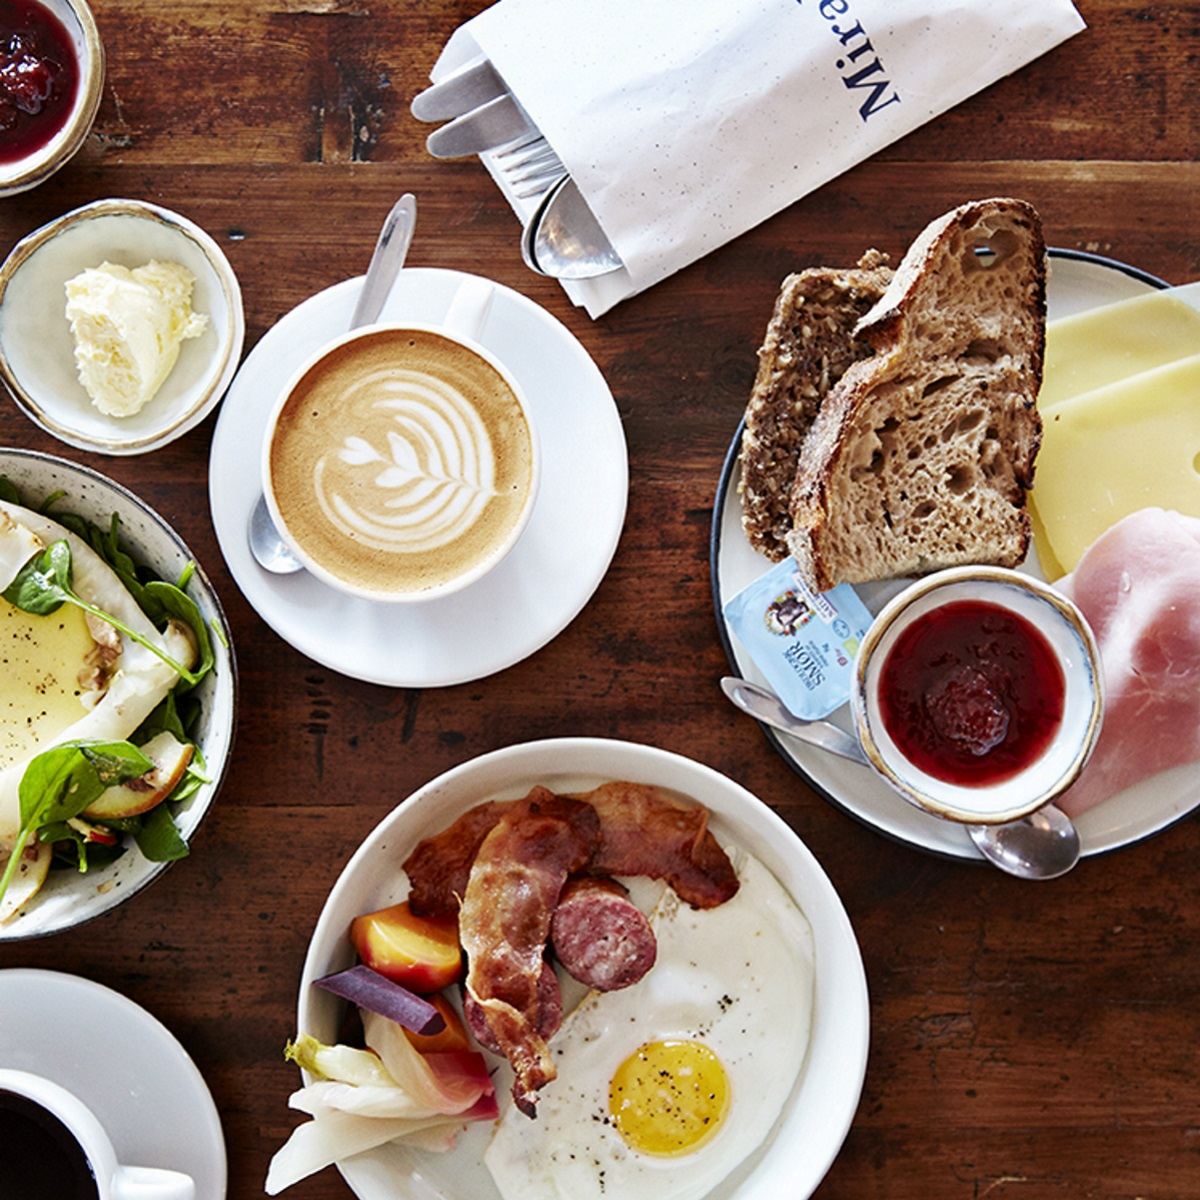 Frühstück und Brunch im Café Mirabelle Kopenhagen